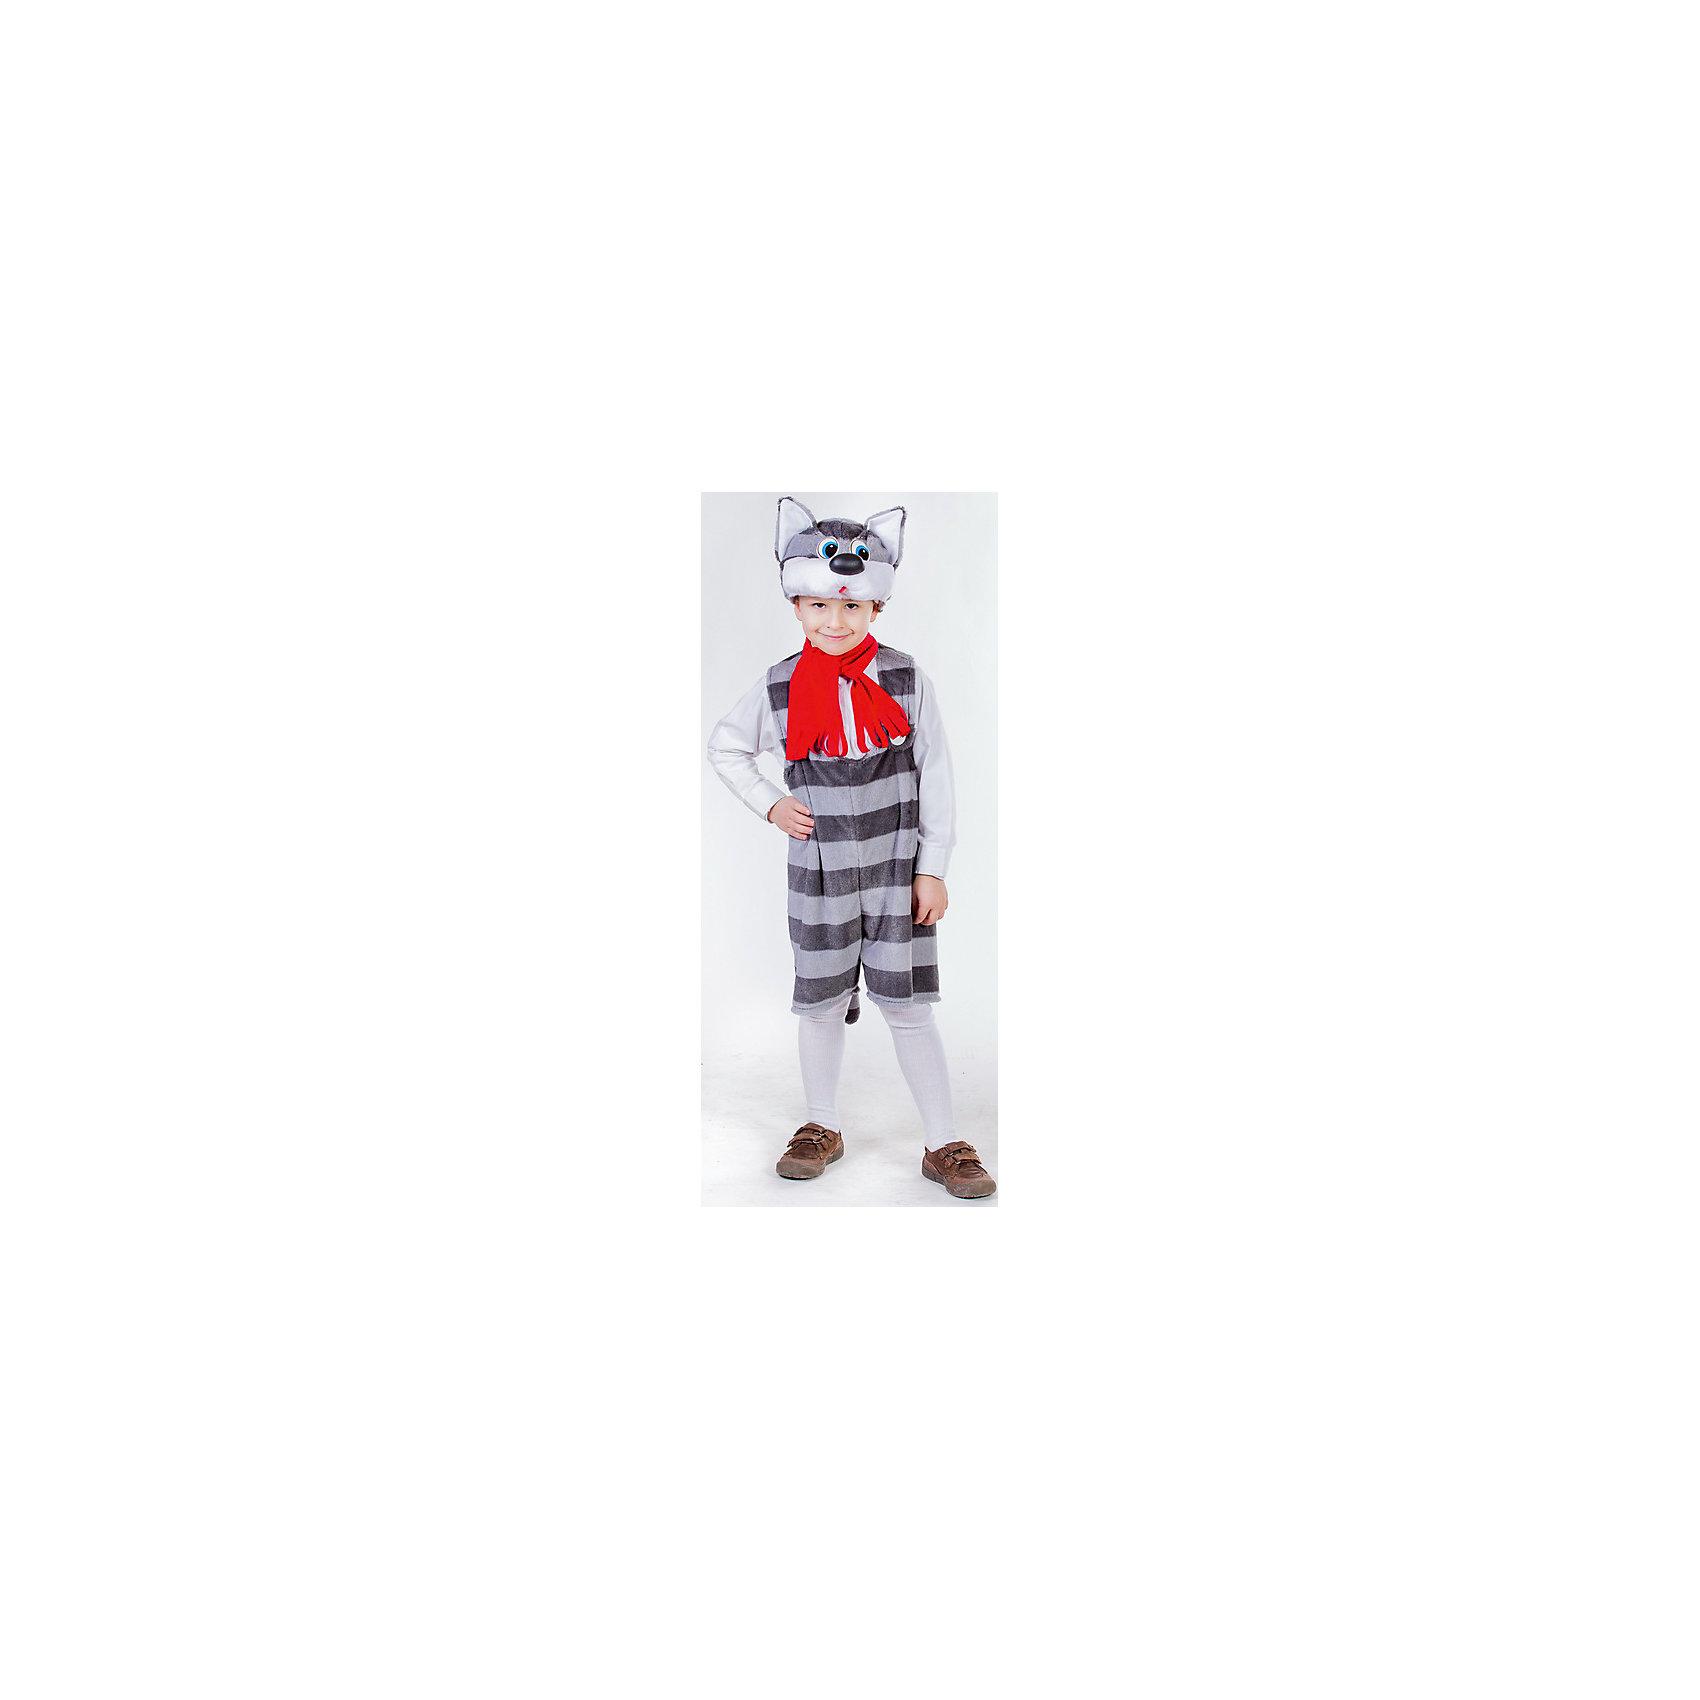 Карнавальный костюм Кот Матрос, КарнавалияДля мальчиков<br>Карнавальный костюм Кот Матрос представляет собой маскарадный наряд в образе кота Матроскина из всеми известного советского мультфильма Простоквашино.<br><br>Костюм выполнен в сером цвете в полоску. На шапке изображена мордочка удивленного кота с острыми ушками и большим черным носом. У комбинезона имеется застежка в виде молнии. <br><br>Дополнительная информация:<br><br>Комплект: маска-шапочка, комбинезон.<br>Из чего сделана игрушка (состав): текстиль, пластик, искусственный мех.<br>Рост: 122 см.<br>Страна обладатель бренда: Россия.<br>Внимание! Шарфик в комплект не входит.<br><br>Карнавальный костюм Кот Матрос  можно купить в нашем интернет-магазине.<br><br>Ширина мм: 300<br>Глубина мм: 50<br>Высота мм: 280<br>Вес г: 375<br>Цвет: белый<br>Возраст от месяцев: 36<br>Возраст до месяцев: 84<br>Пол: Унисекс<br>Возраст: Детский<br>Размер: 122/128<br>SKU: 4764388